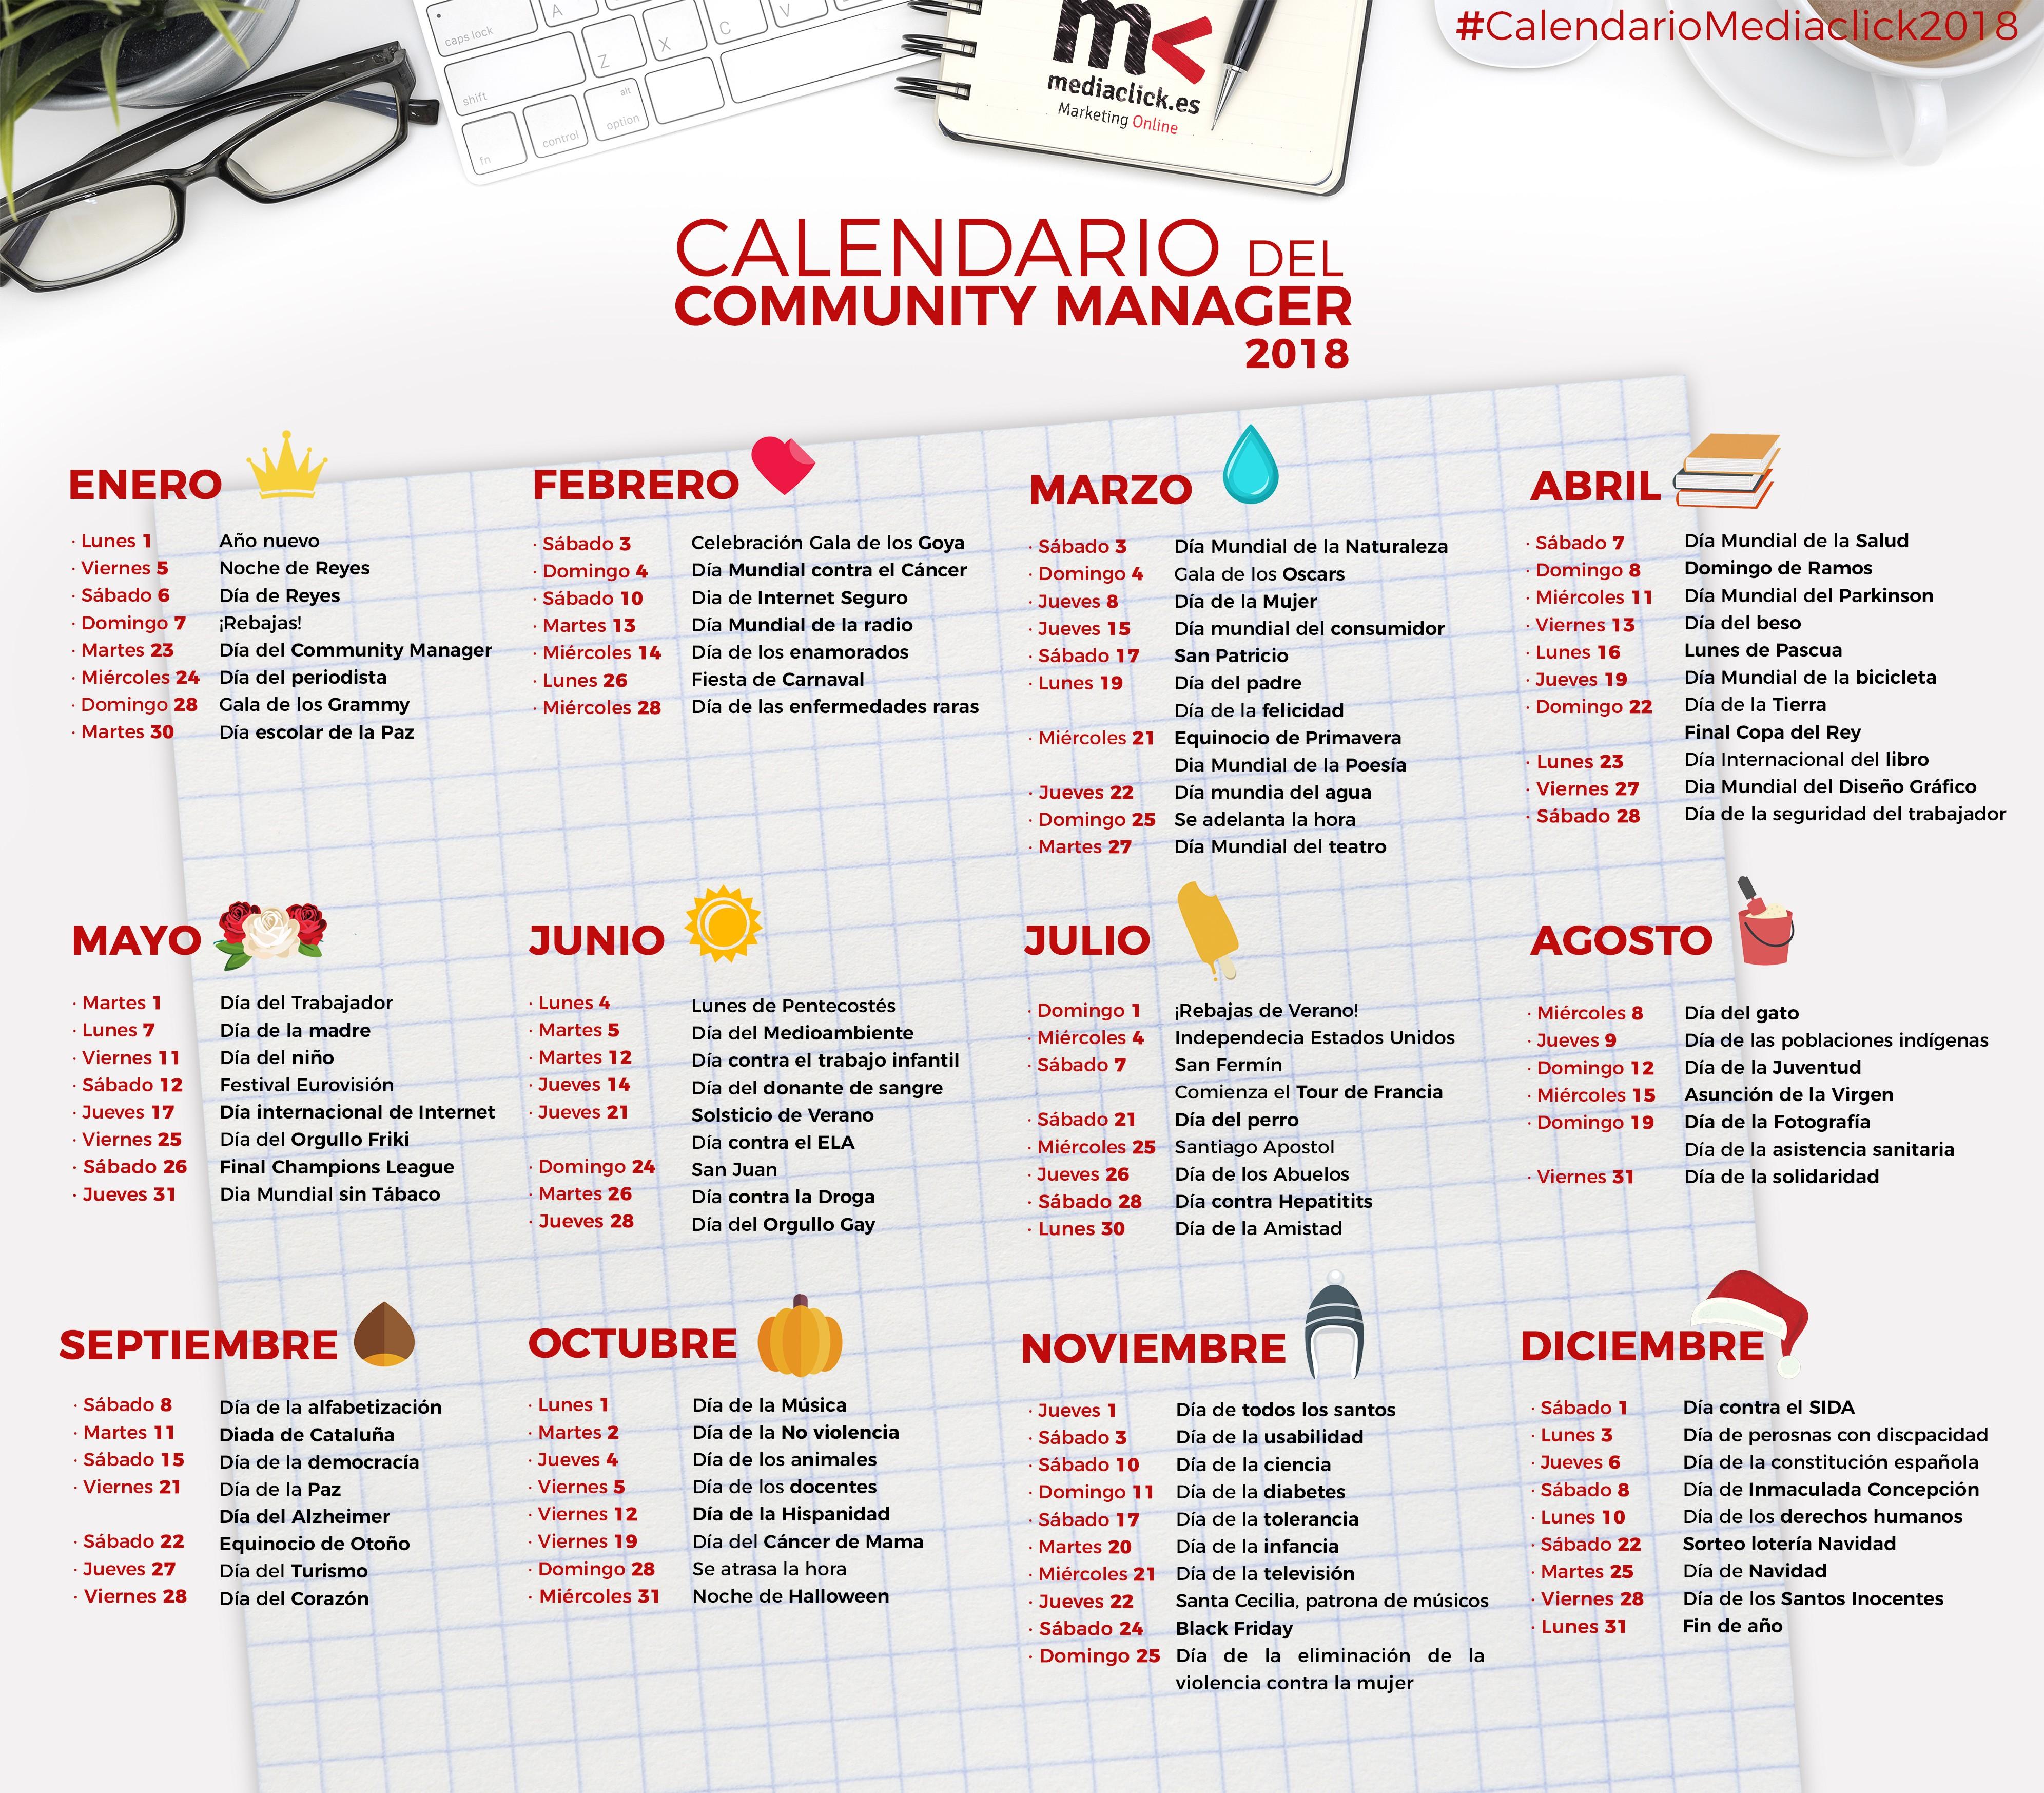 Calendario Escolar 2019 Mexico Con Dias Festivos Más Actual Calendario Del Munity Manager 2018 Agencia Marketing Digital Of Calendario Escolar 2019 Mexico Con Dias Festivos Más Arriba-a-fecha Calendario Ambiental